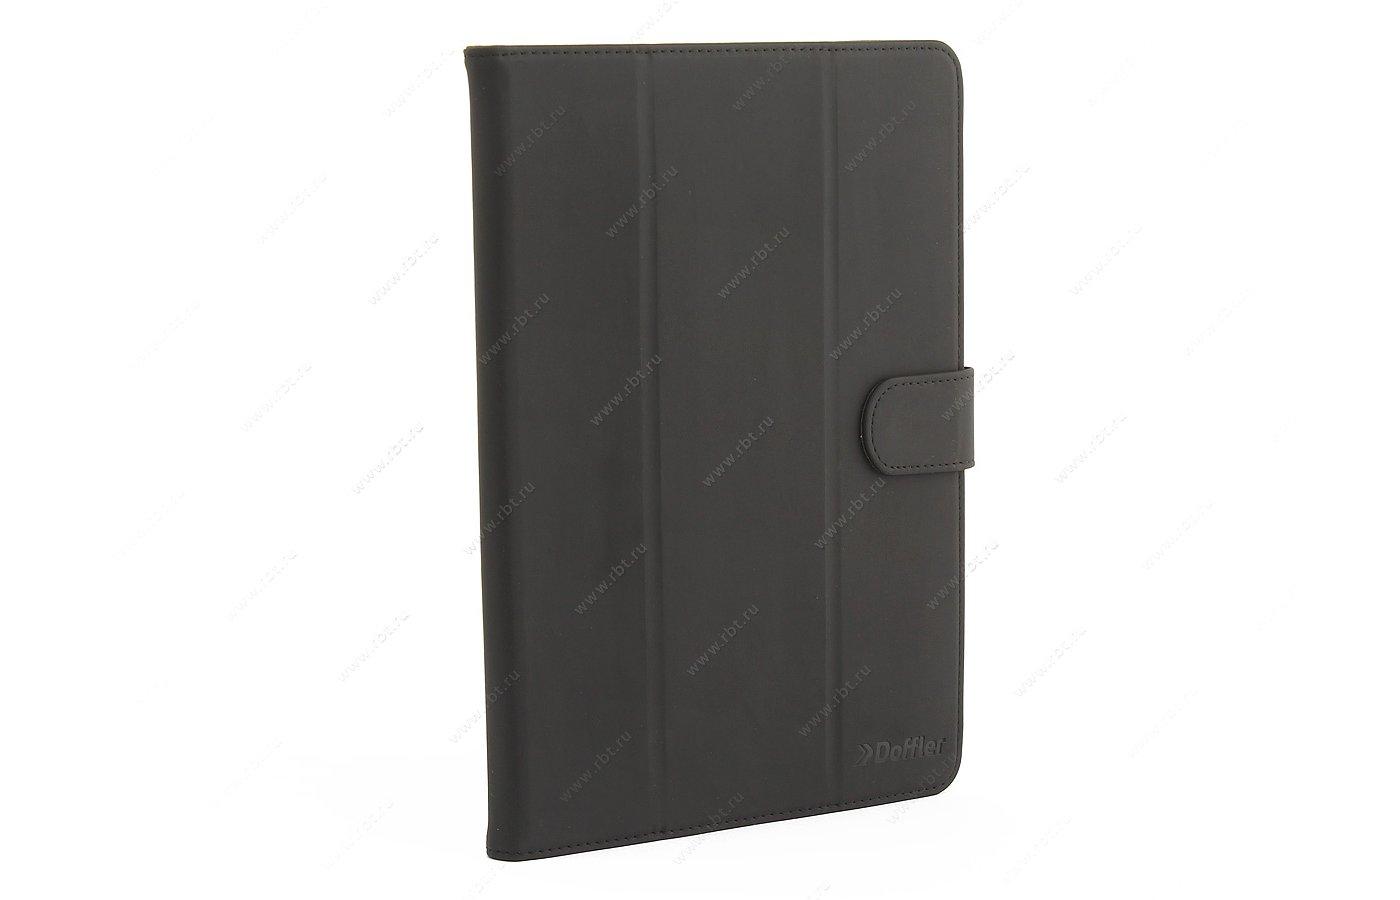 Чехол для планшетного ПК DOFFLER LSTY-1089R2-10.1